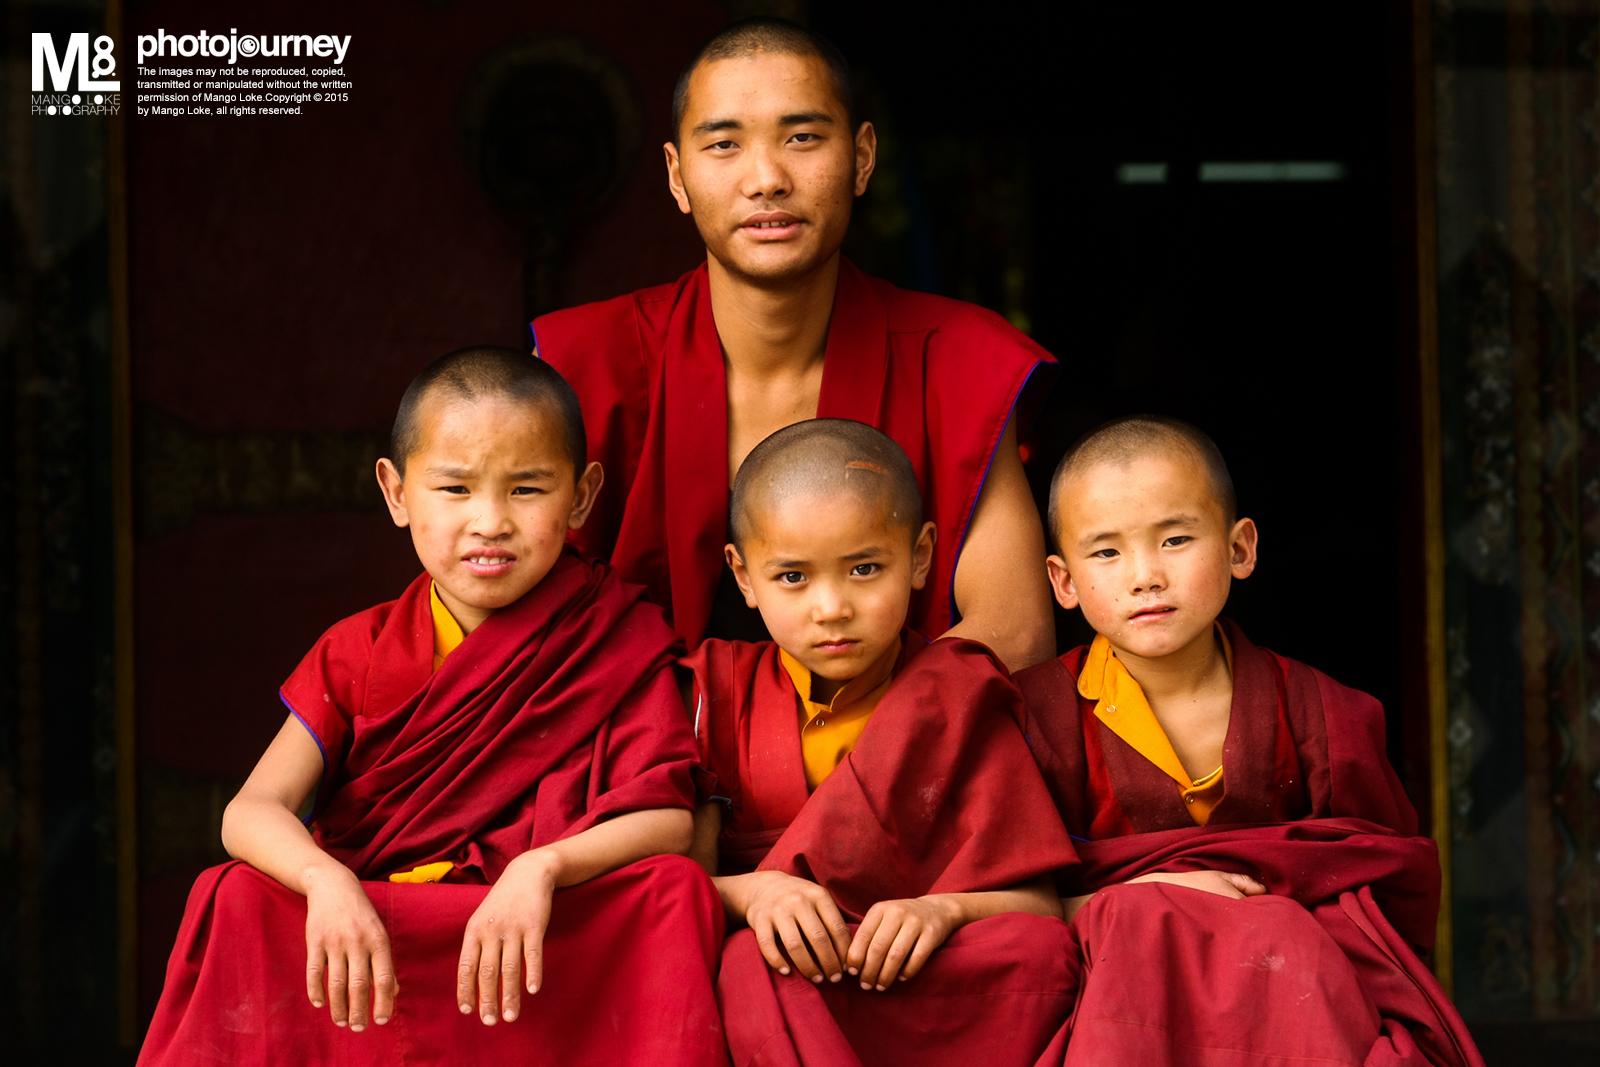 喇嘛.Monk  Nepal 2009CANON 1DMKIII70-200mm F2.8L 1/40 F7.1ISO200    这是一张为住在加德满都Swayambhu寺院就读佛学的喇嘛拍的合体照.  哪一位喇嘛师兄说他们都来自西藏,再过不久他就会过去印度继续他的佛学课程, 而其他的小师弟会留下继续课程.  回国以后,我把照片打印了出来,托一位在我国打工又即将回国的尼泊尔朋友, 把照片托送过去给他们. 这是我答应过他们的事. 不久过后,哪一位尼泊尔的朋友透过FB告诉我已经把照片交到了他们的手上,不过师兄已经离开,只剩下一两位小师弟而已. 不懂当他们收到了打印出来的照片是怎么样的心情,不过我就非常开心.Namaste.